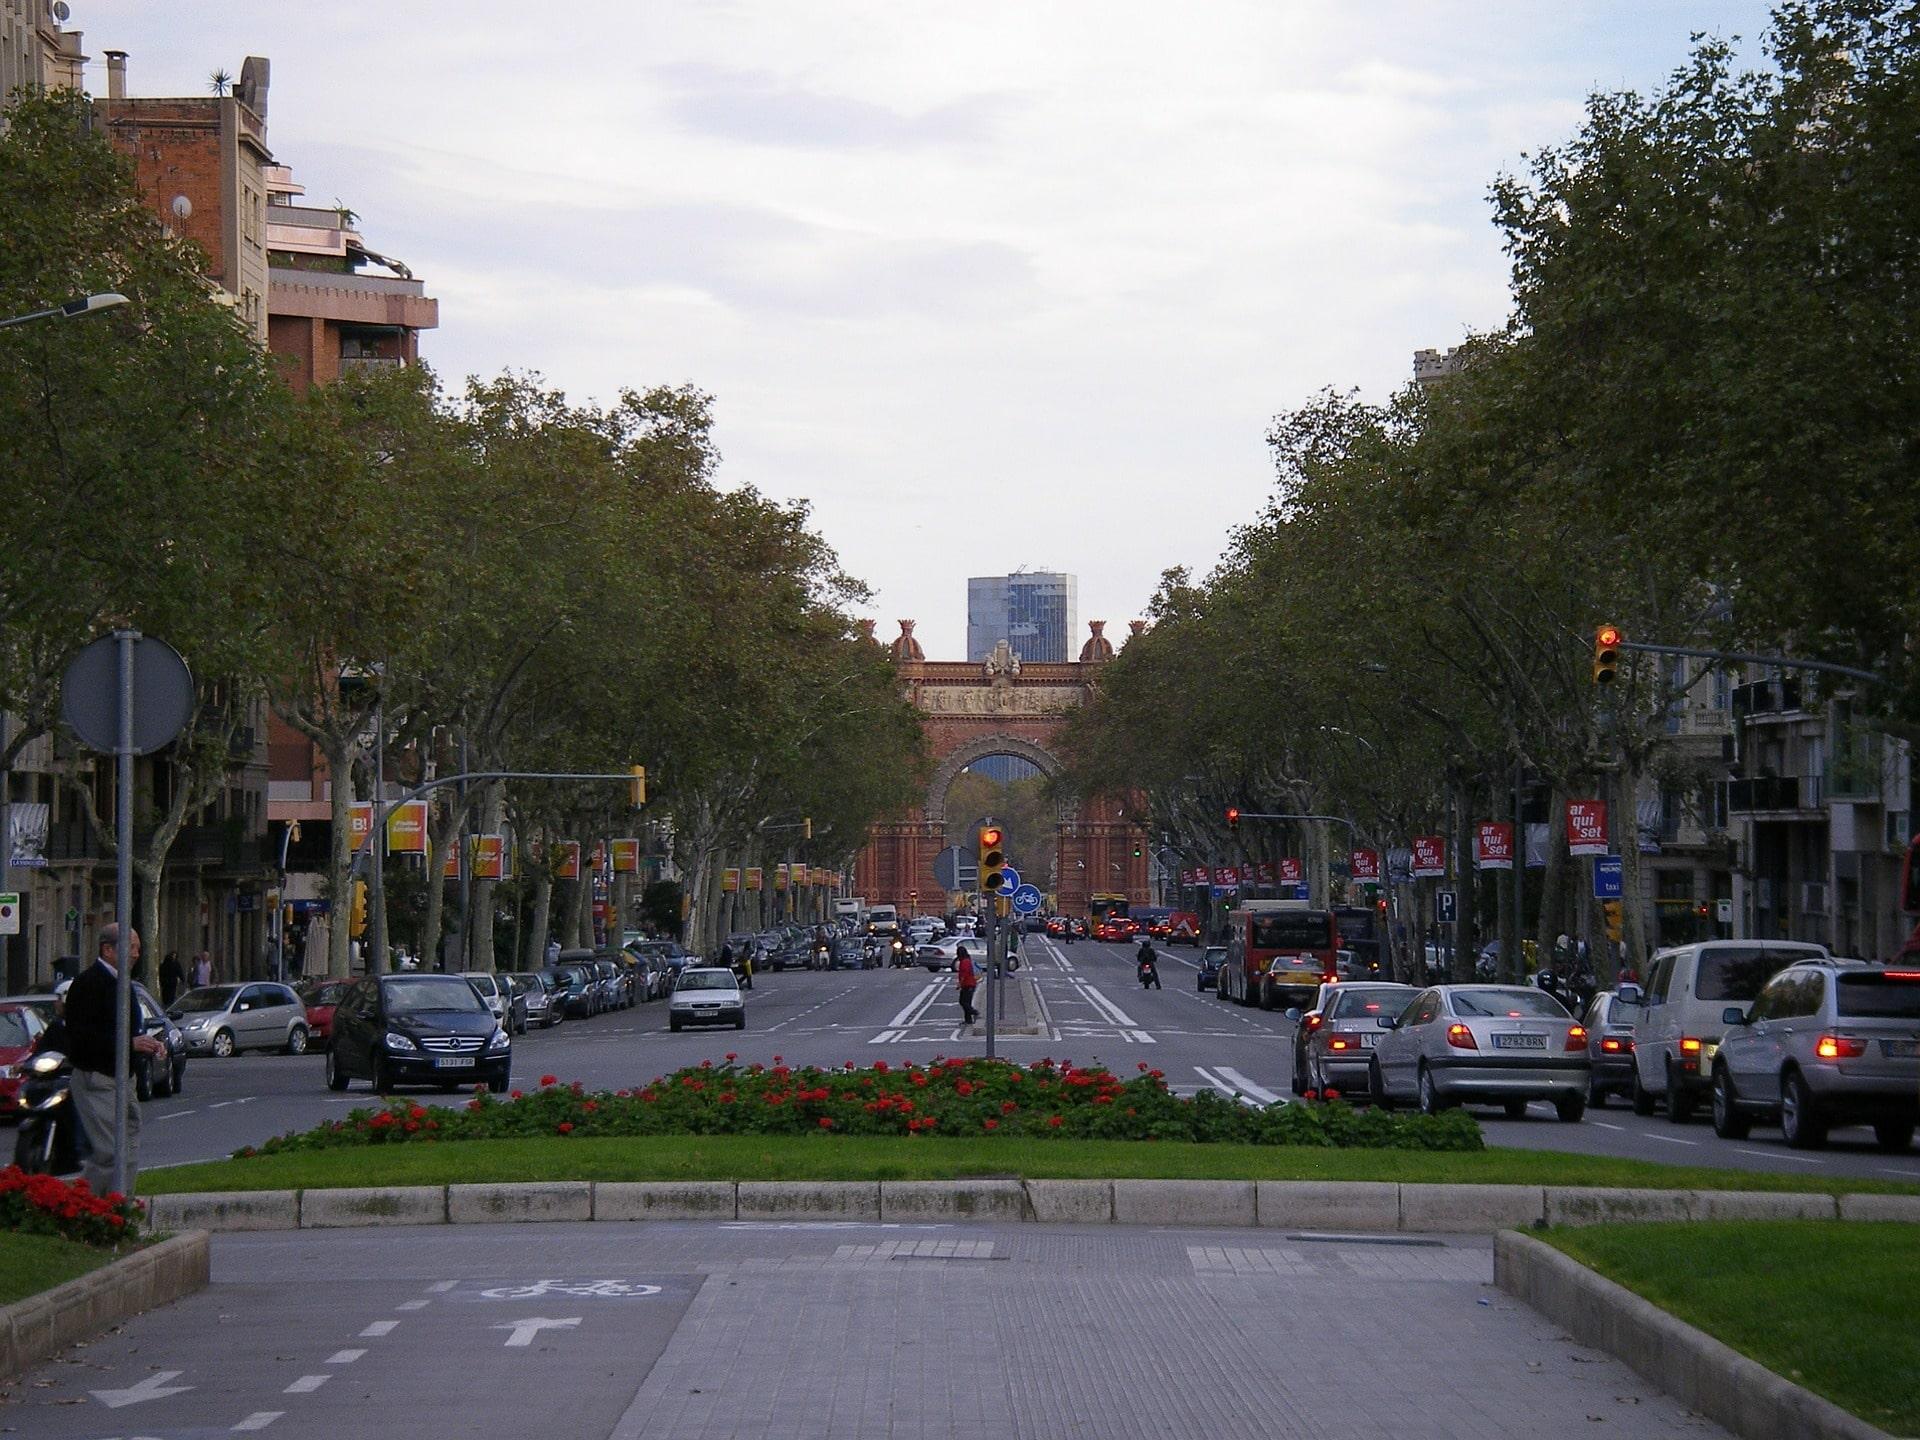 Barcelone-Espagne-dernière minute